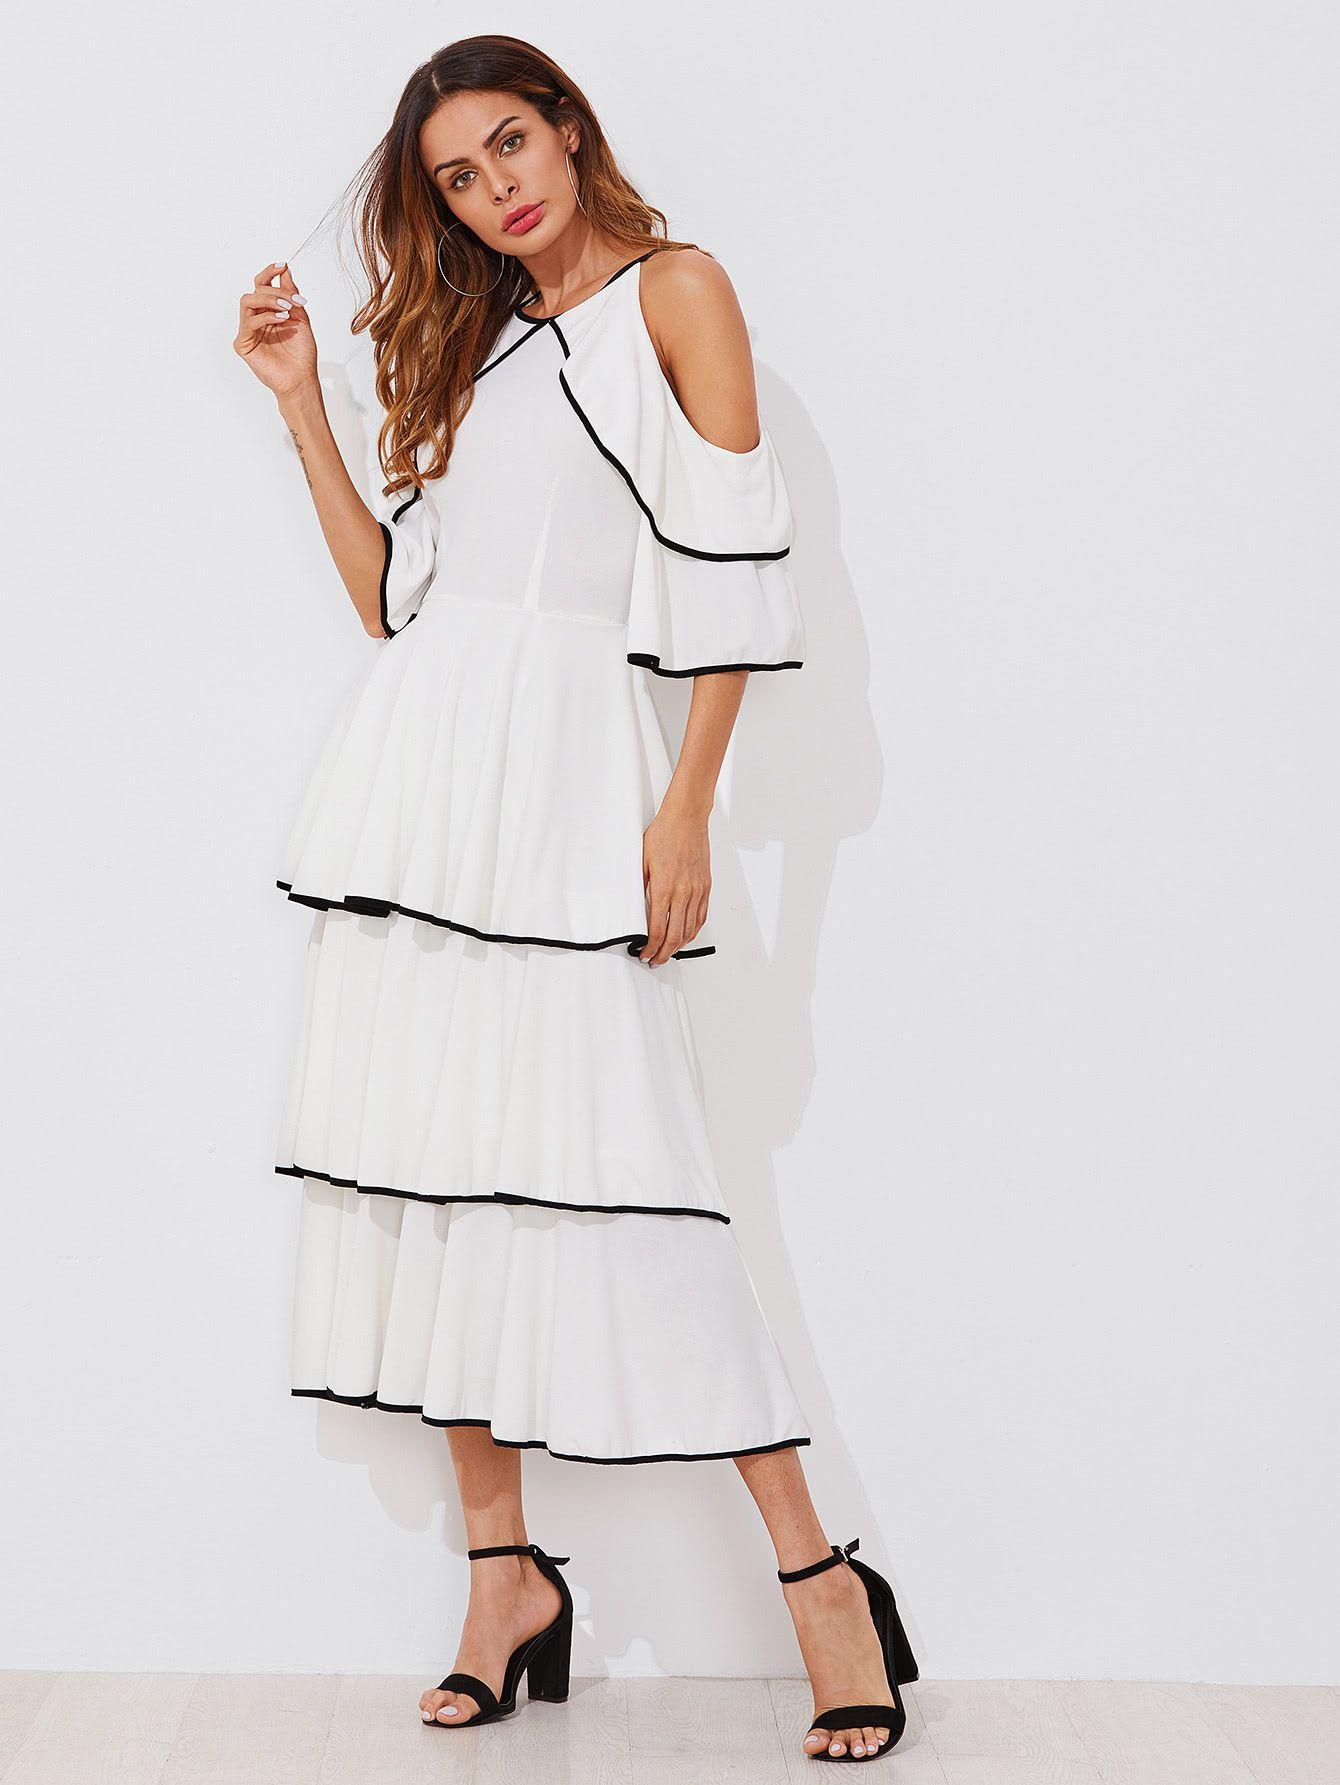 Contrast Binding Open Shoulder Tiered Flounce Dress Shein Sheinside Flounced Dress Tiered Ruffle Dress Little White Dresses [ 1785 x 1340 Pixel ]